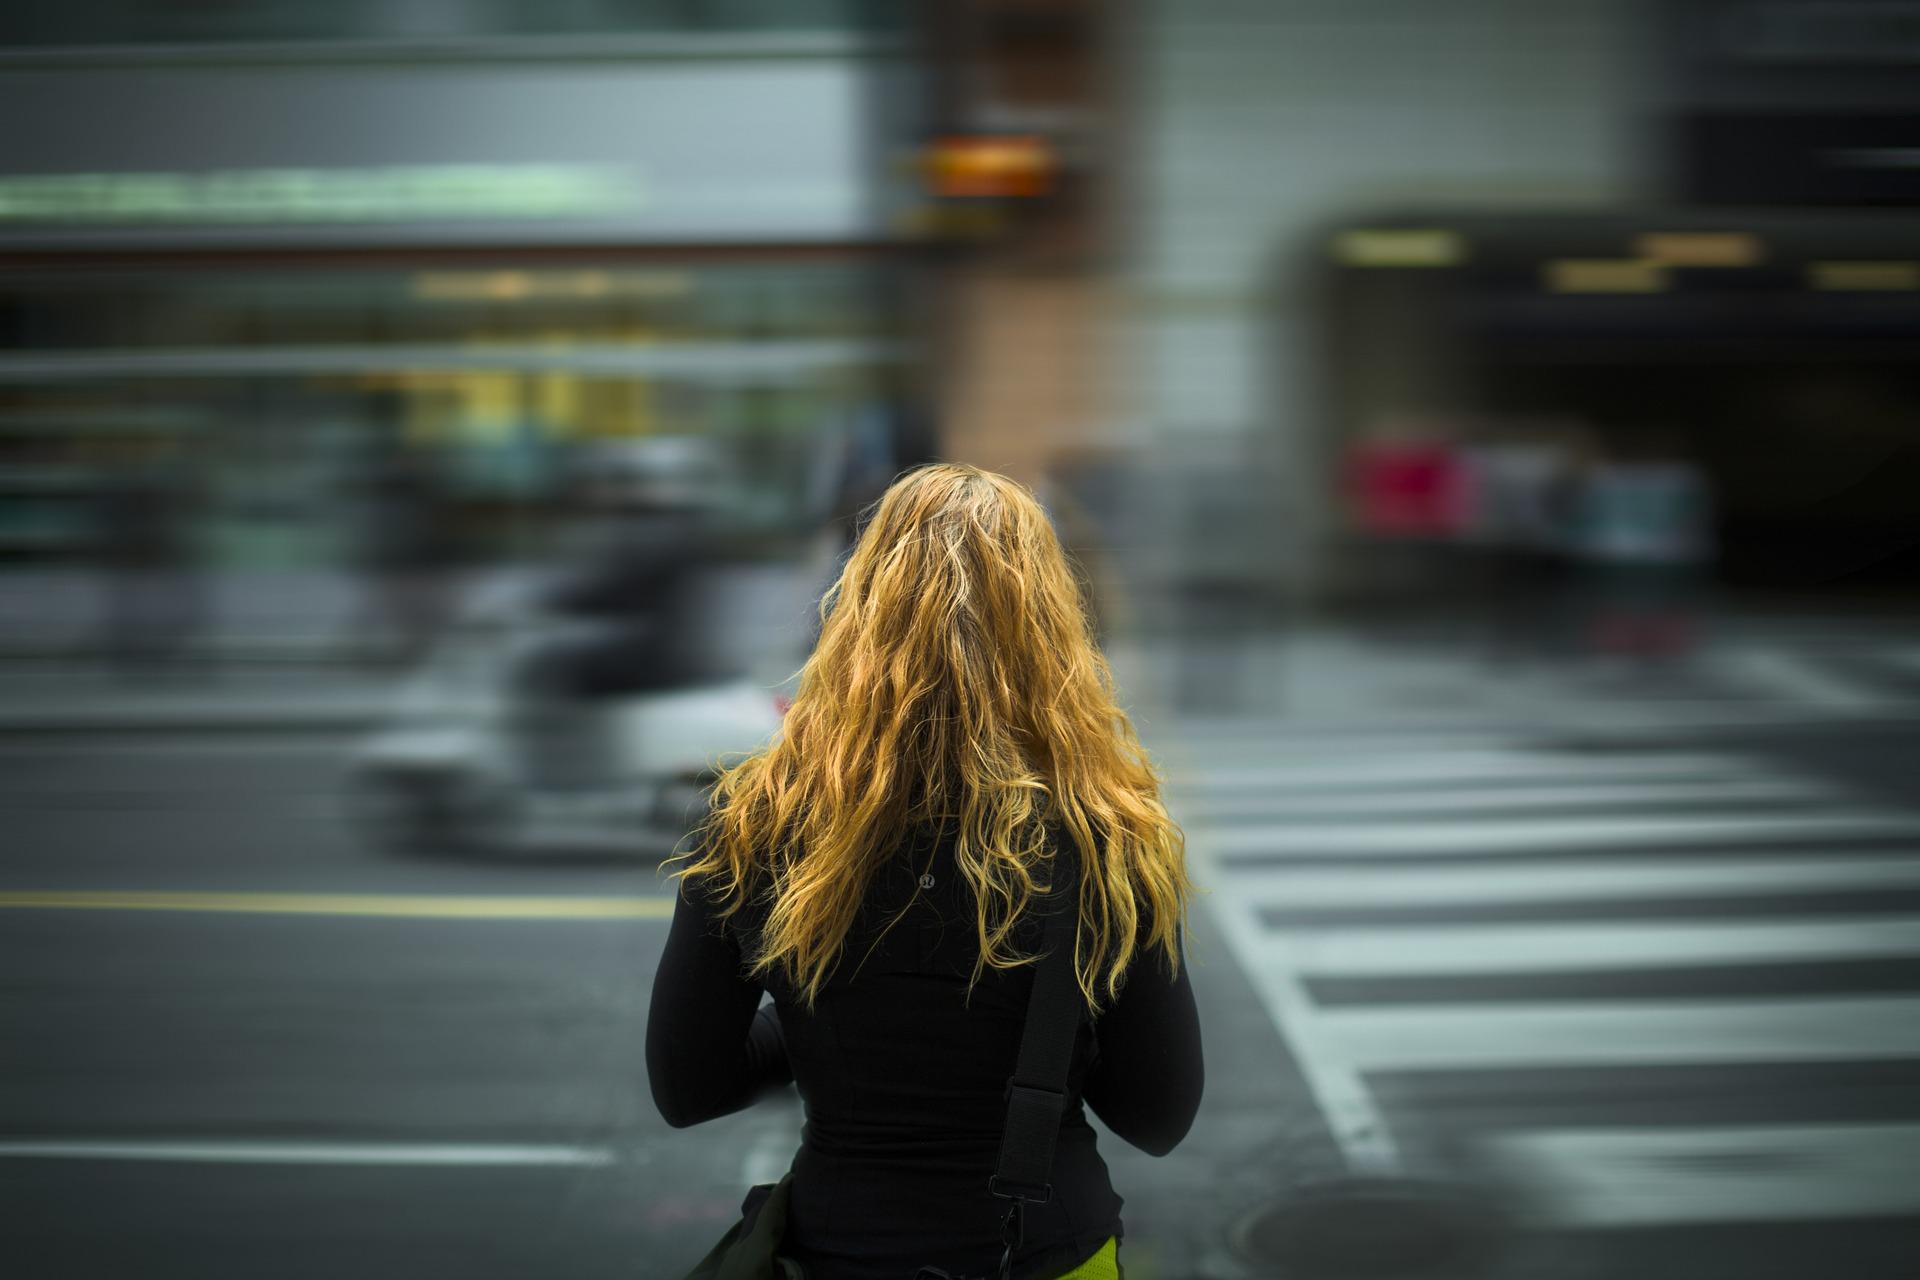 woman in street